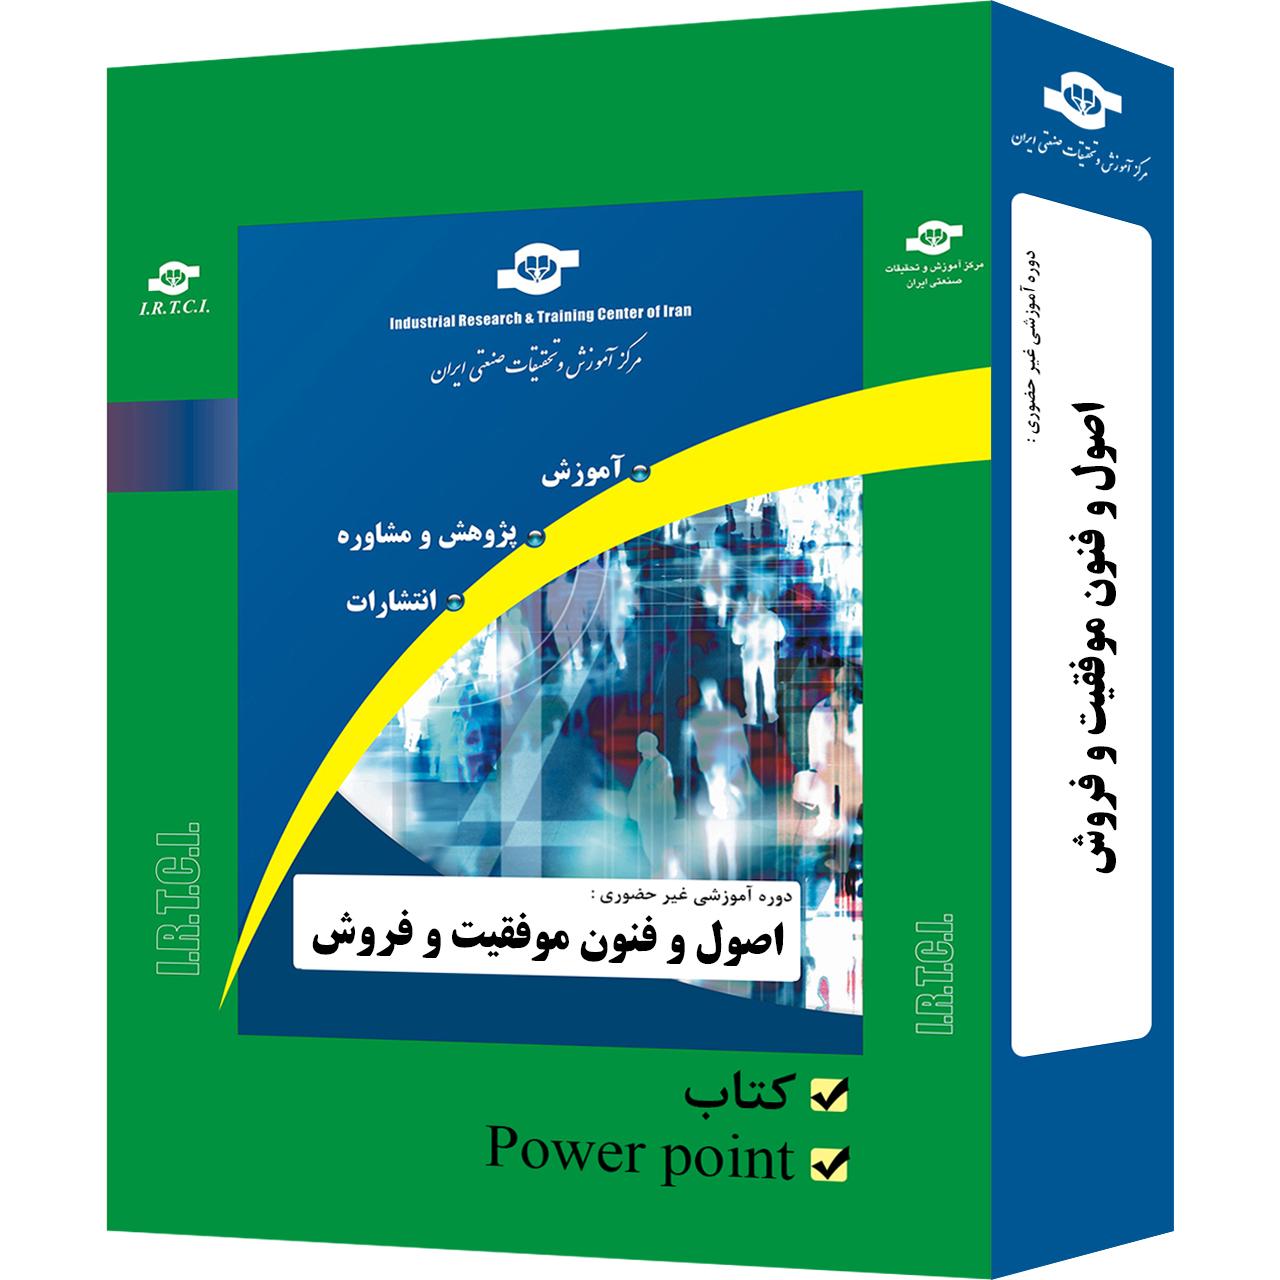 بسته آموزشی غیر حضوری اصول و فنون موفقیت در فروش نشر مرکز آموزش و تحقیقات صنعتی ایران